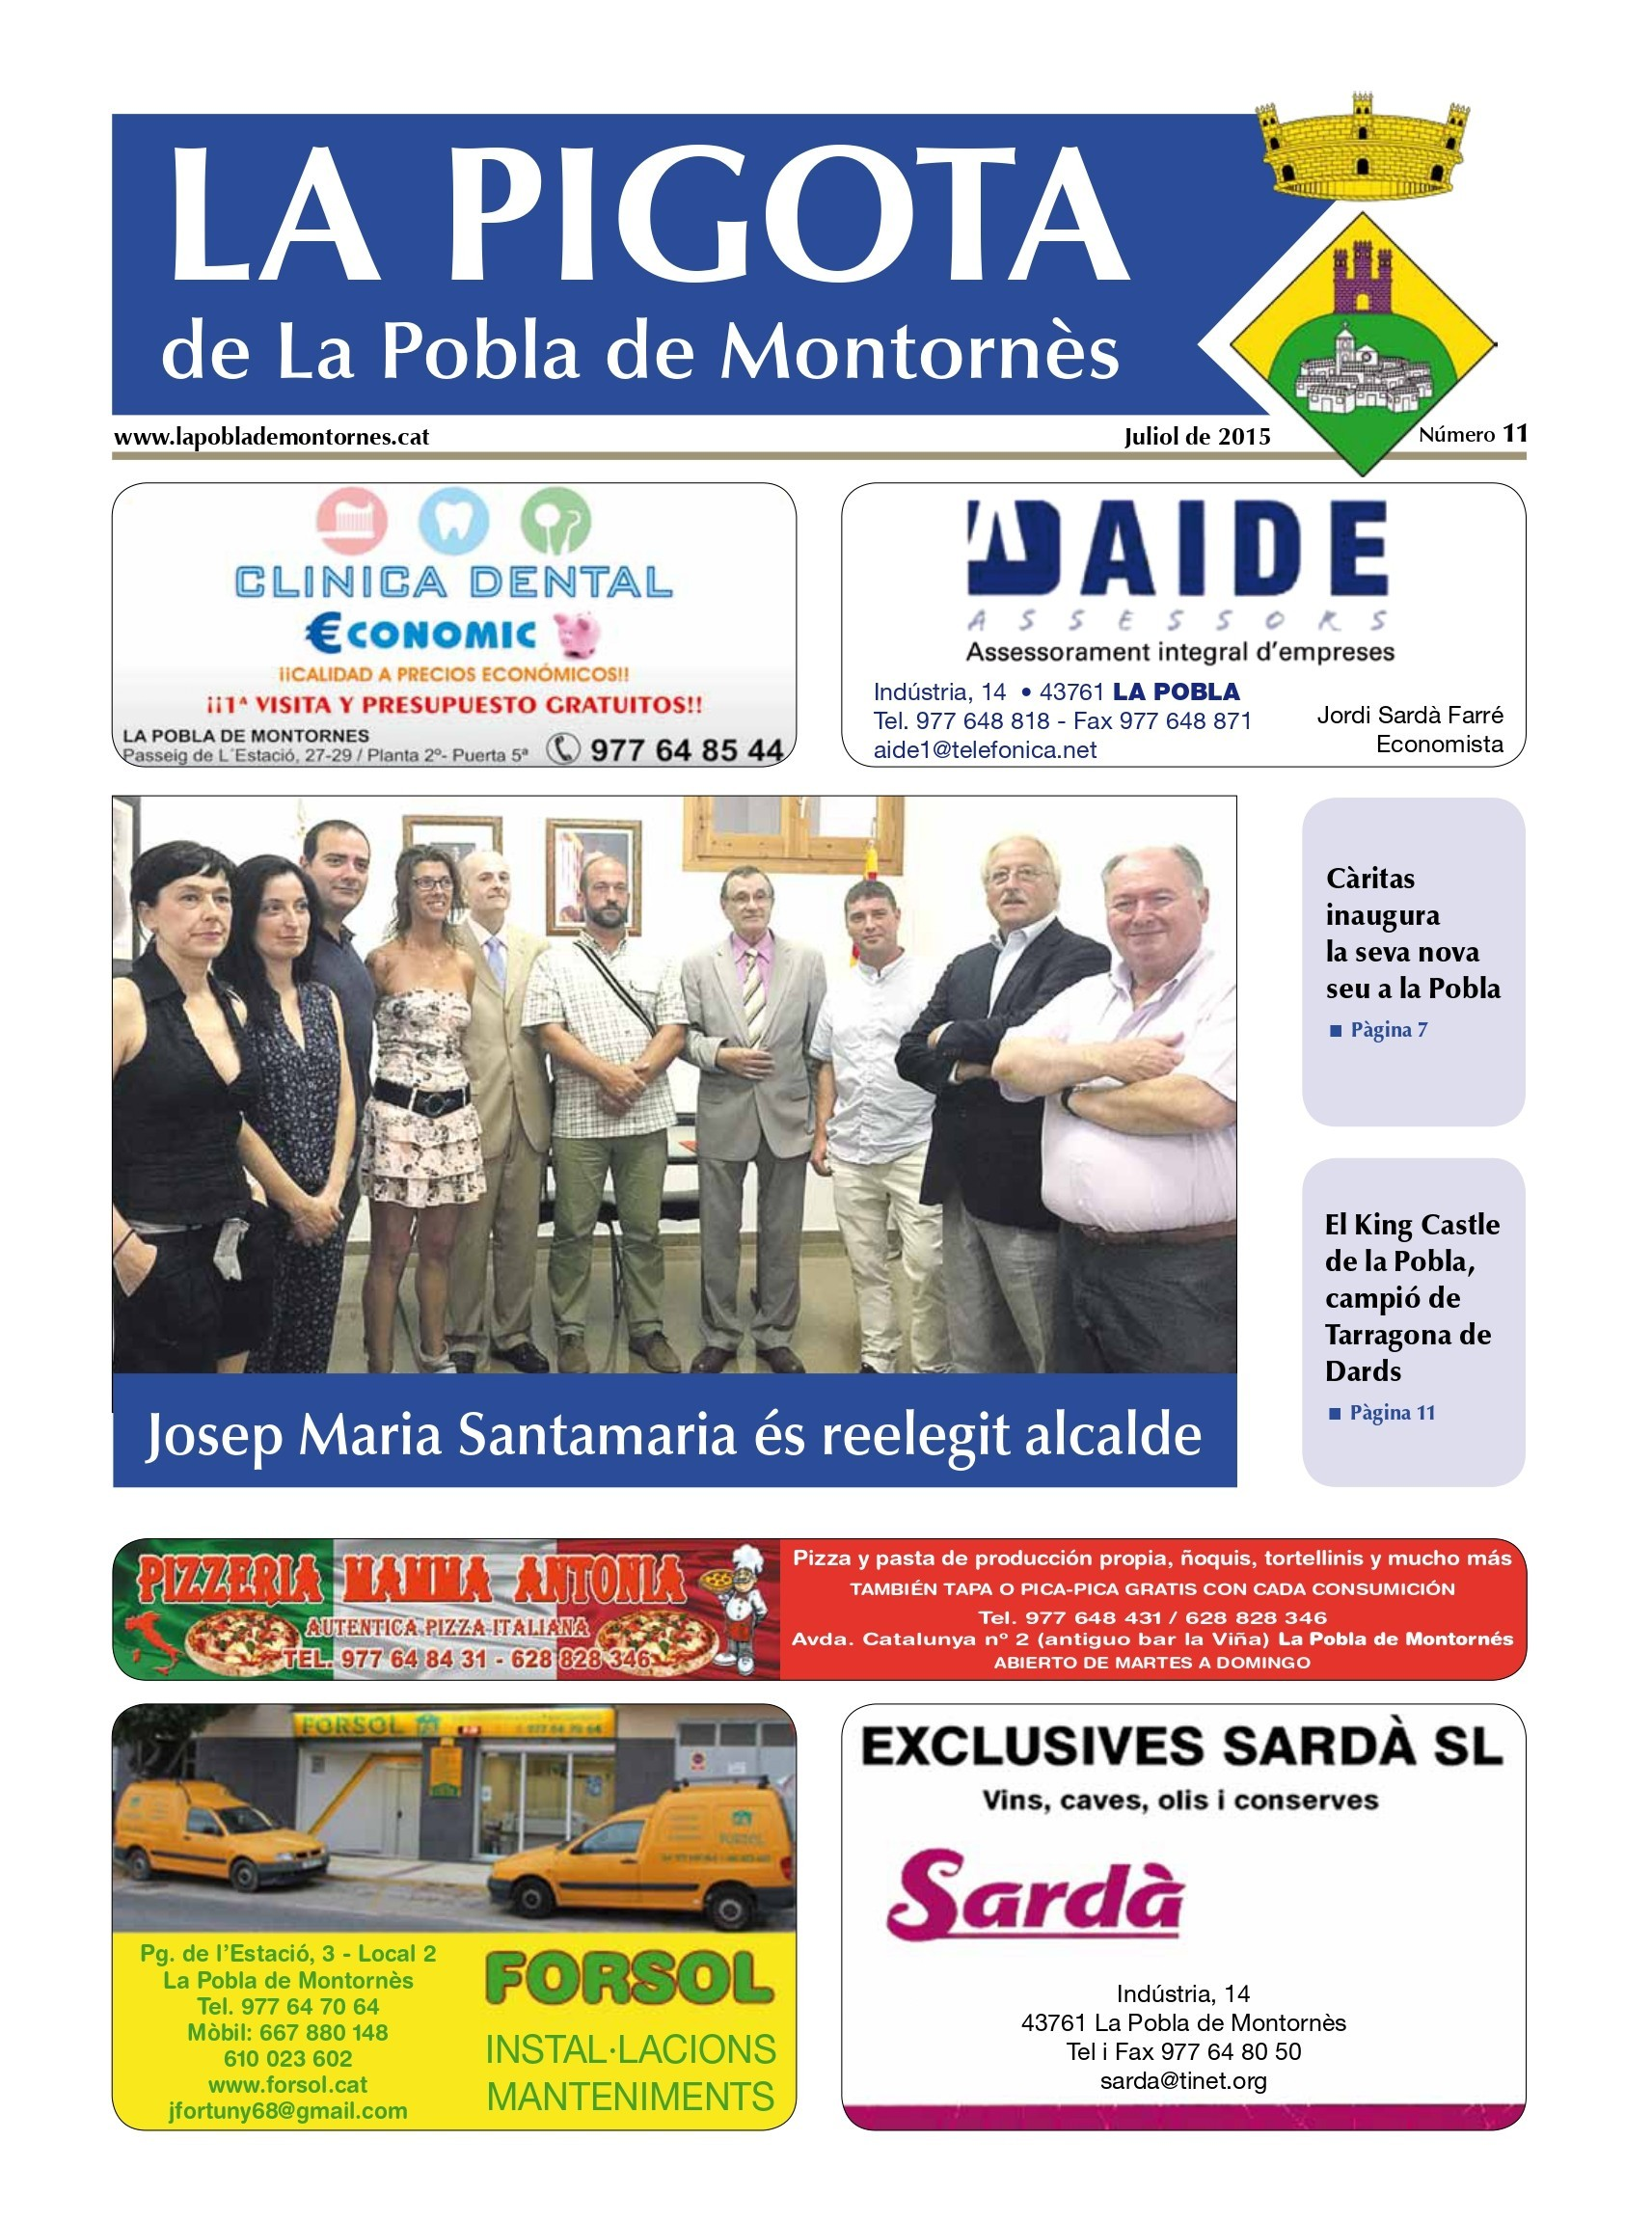 Revista La Pigota núm. 12 (Juliol, Agost i Setembre 2015)